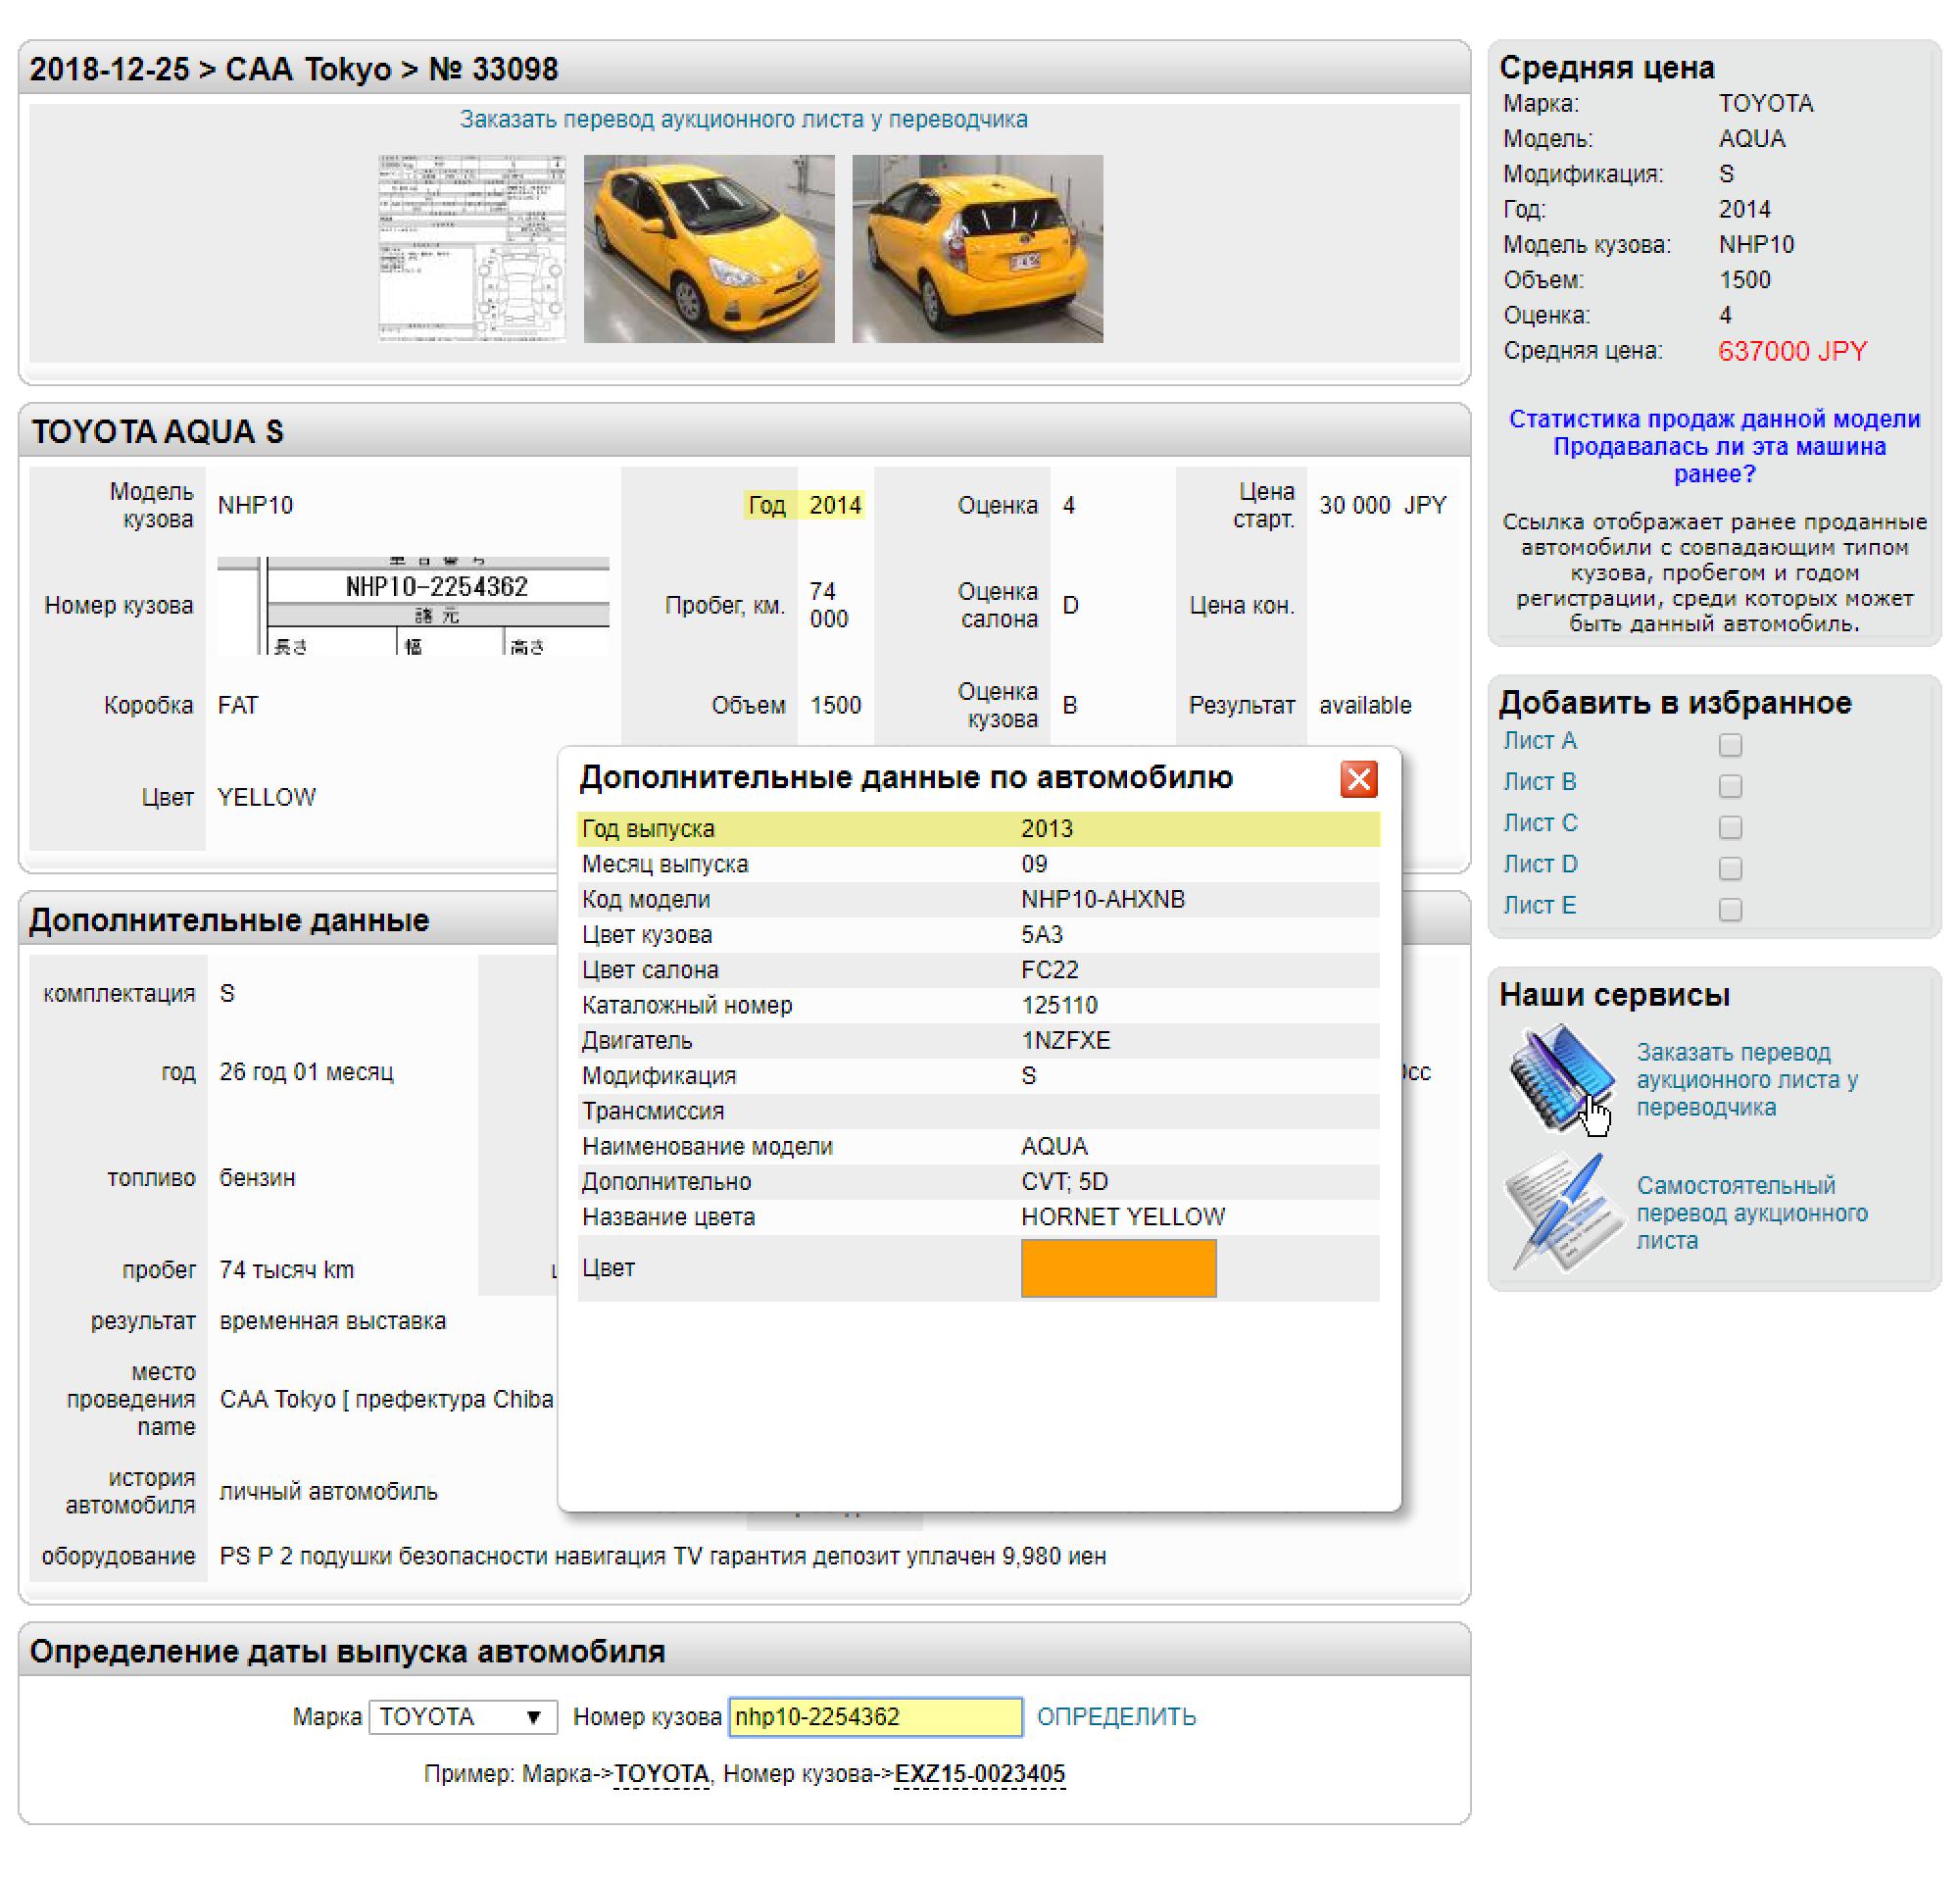 проверить авто по гос номеру на сайте гибдд бесплатно красноярск как взять реквизиты карты сбербанка через банкомат